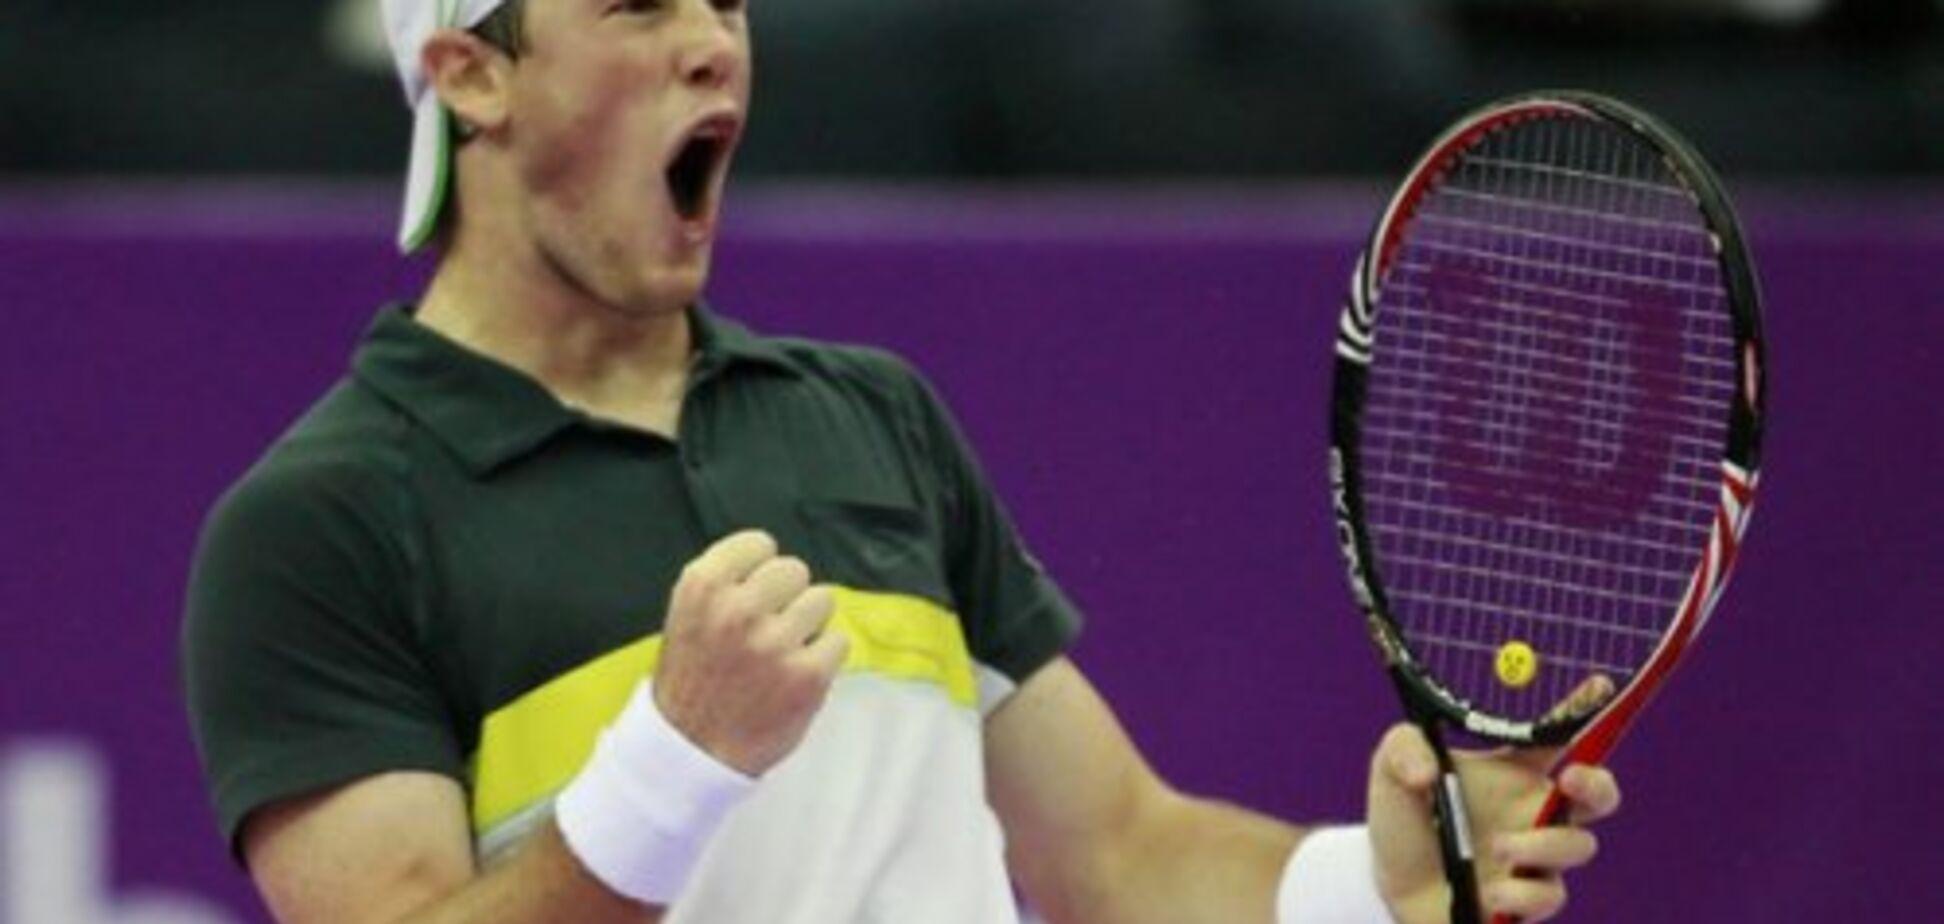 Фантастика! Известный украинский теннисист совершил невероятный рывок в мировом рейтинге